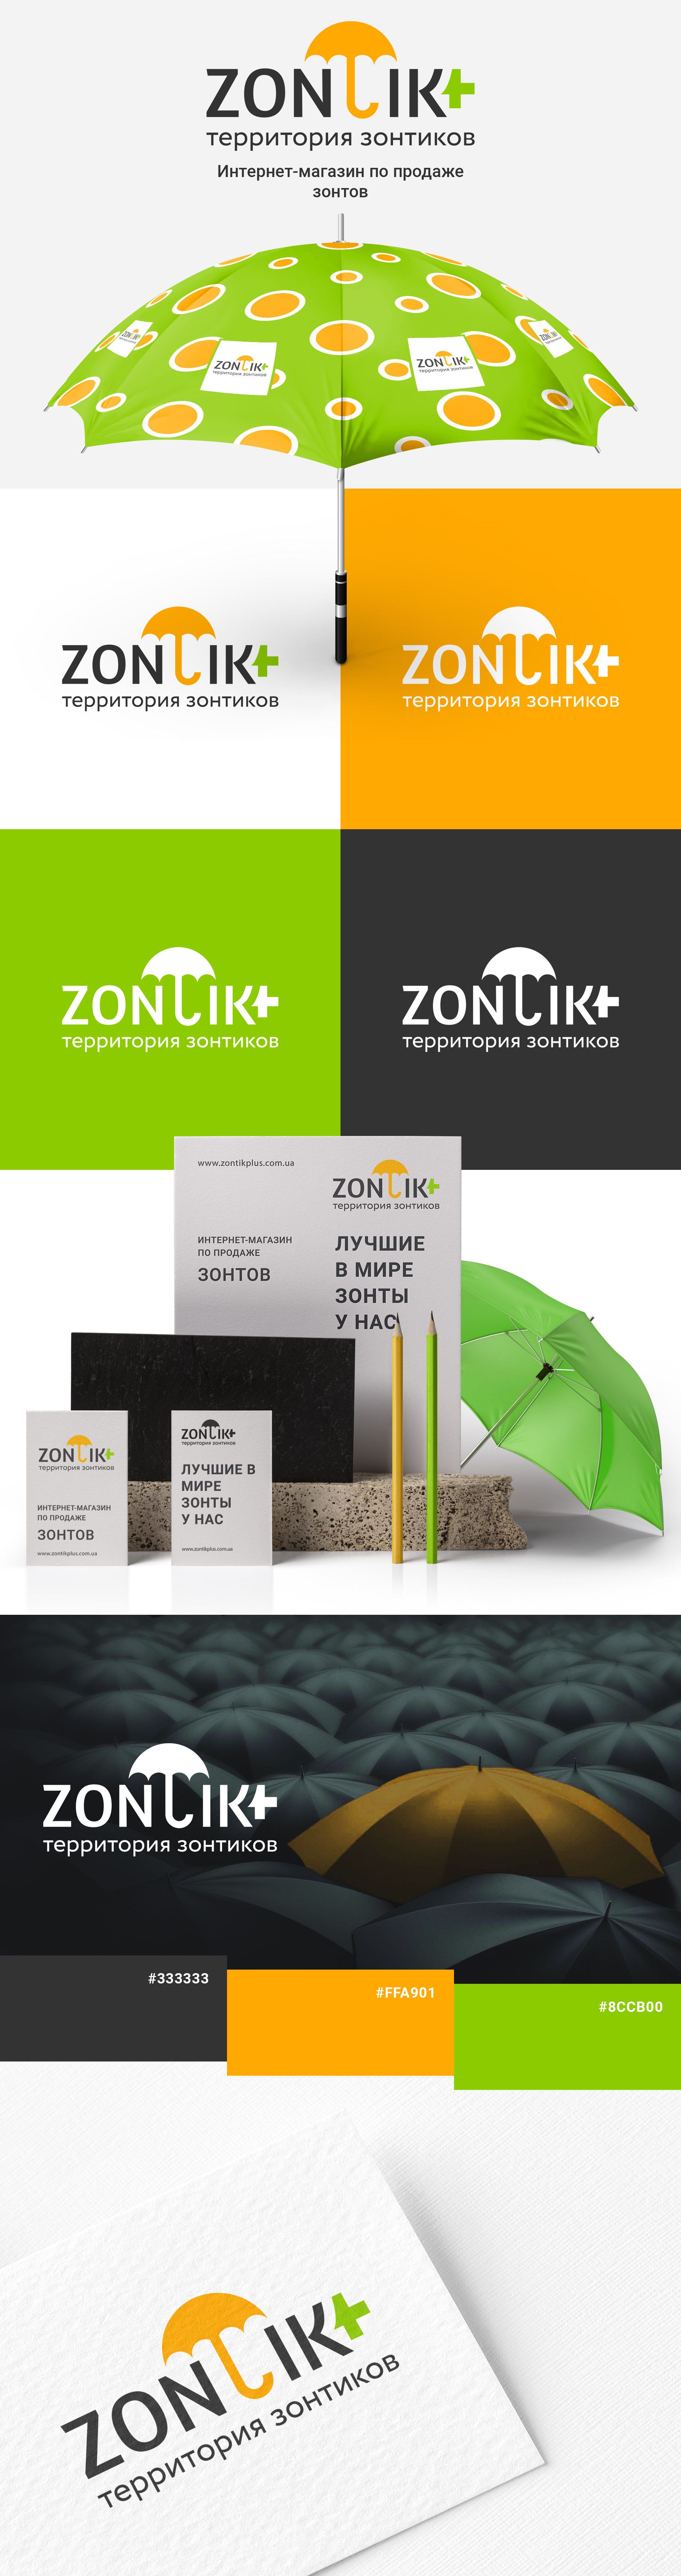 для интернет-магазина зонтов Zontikplus